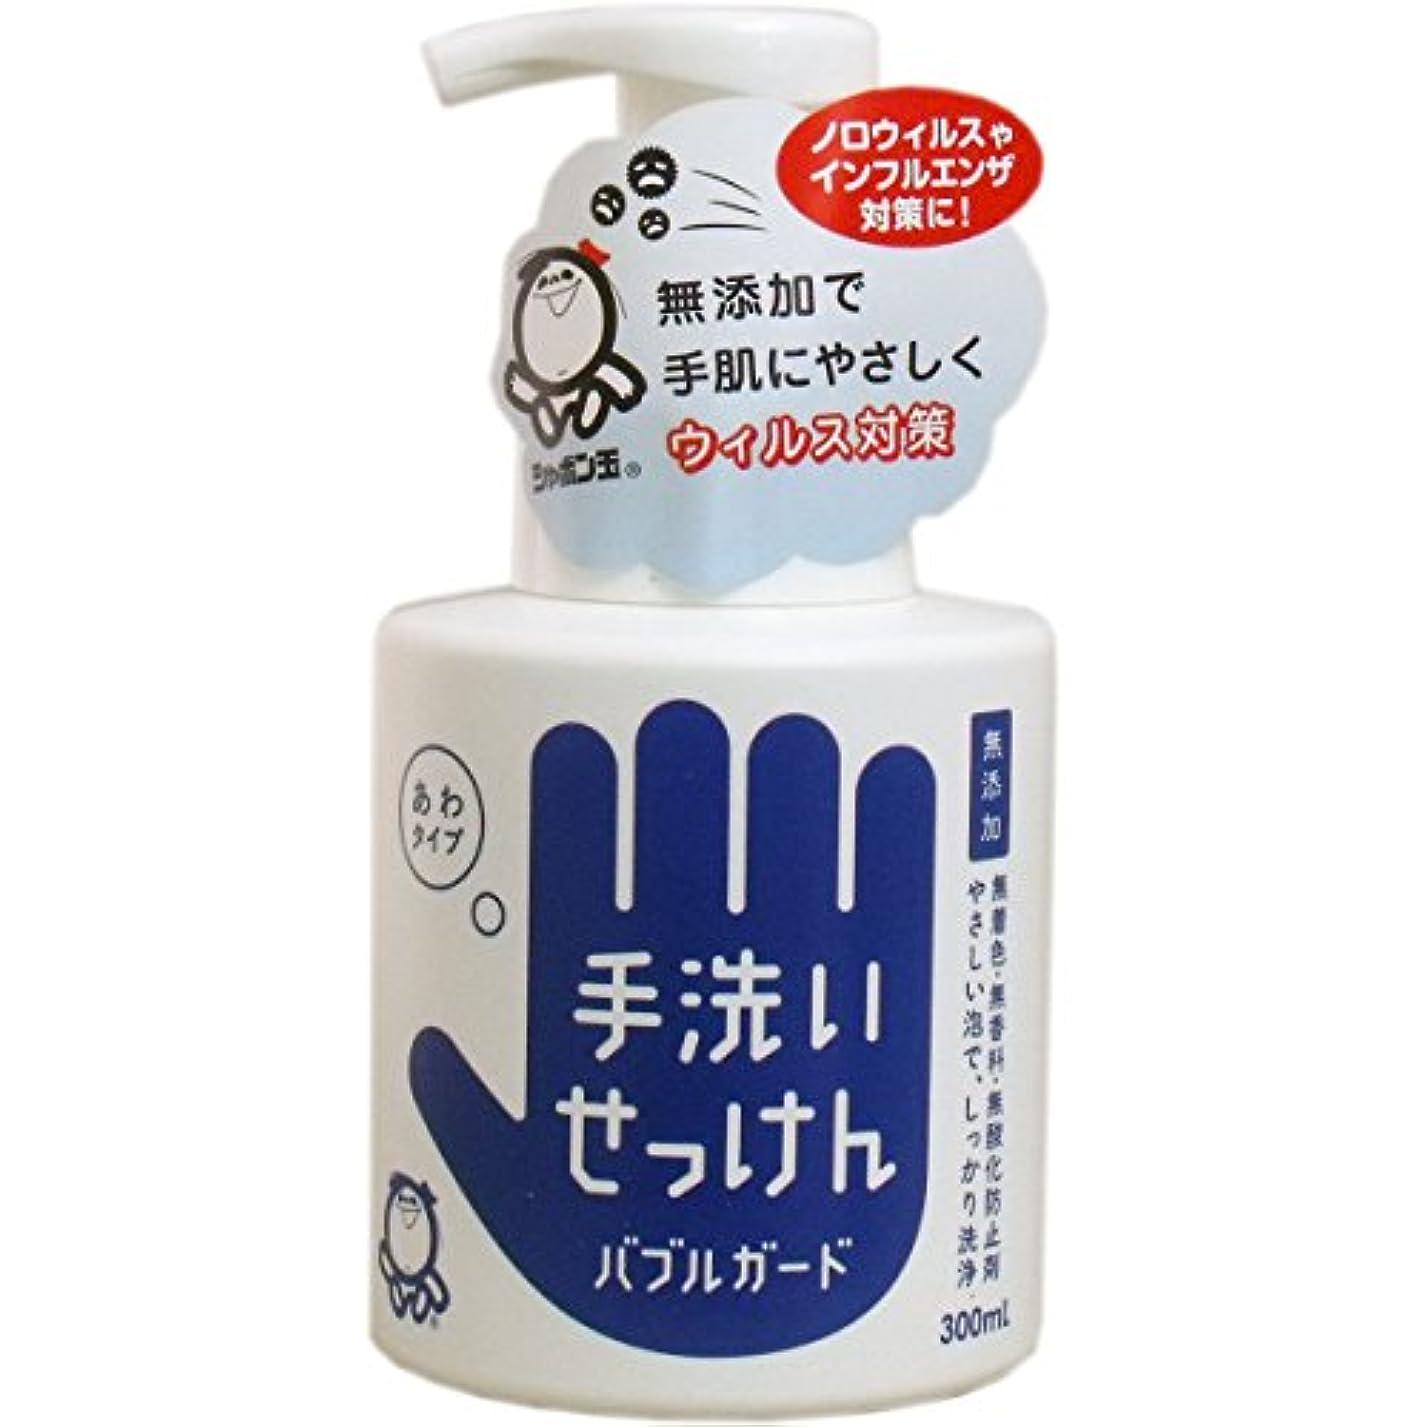 一時解雇する交換可能代表シャボン玉石けん 手洗いせっけん バブルガード 本体 300ml 1本